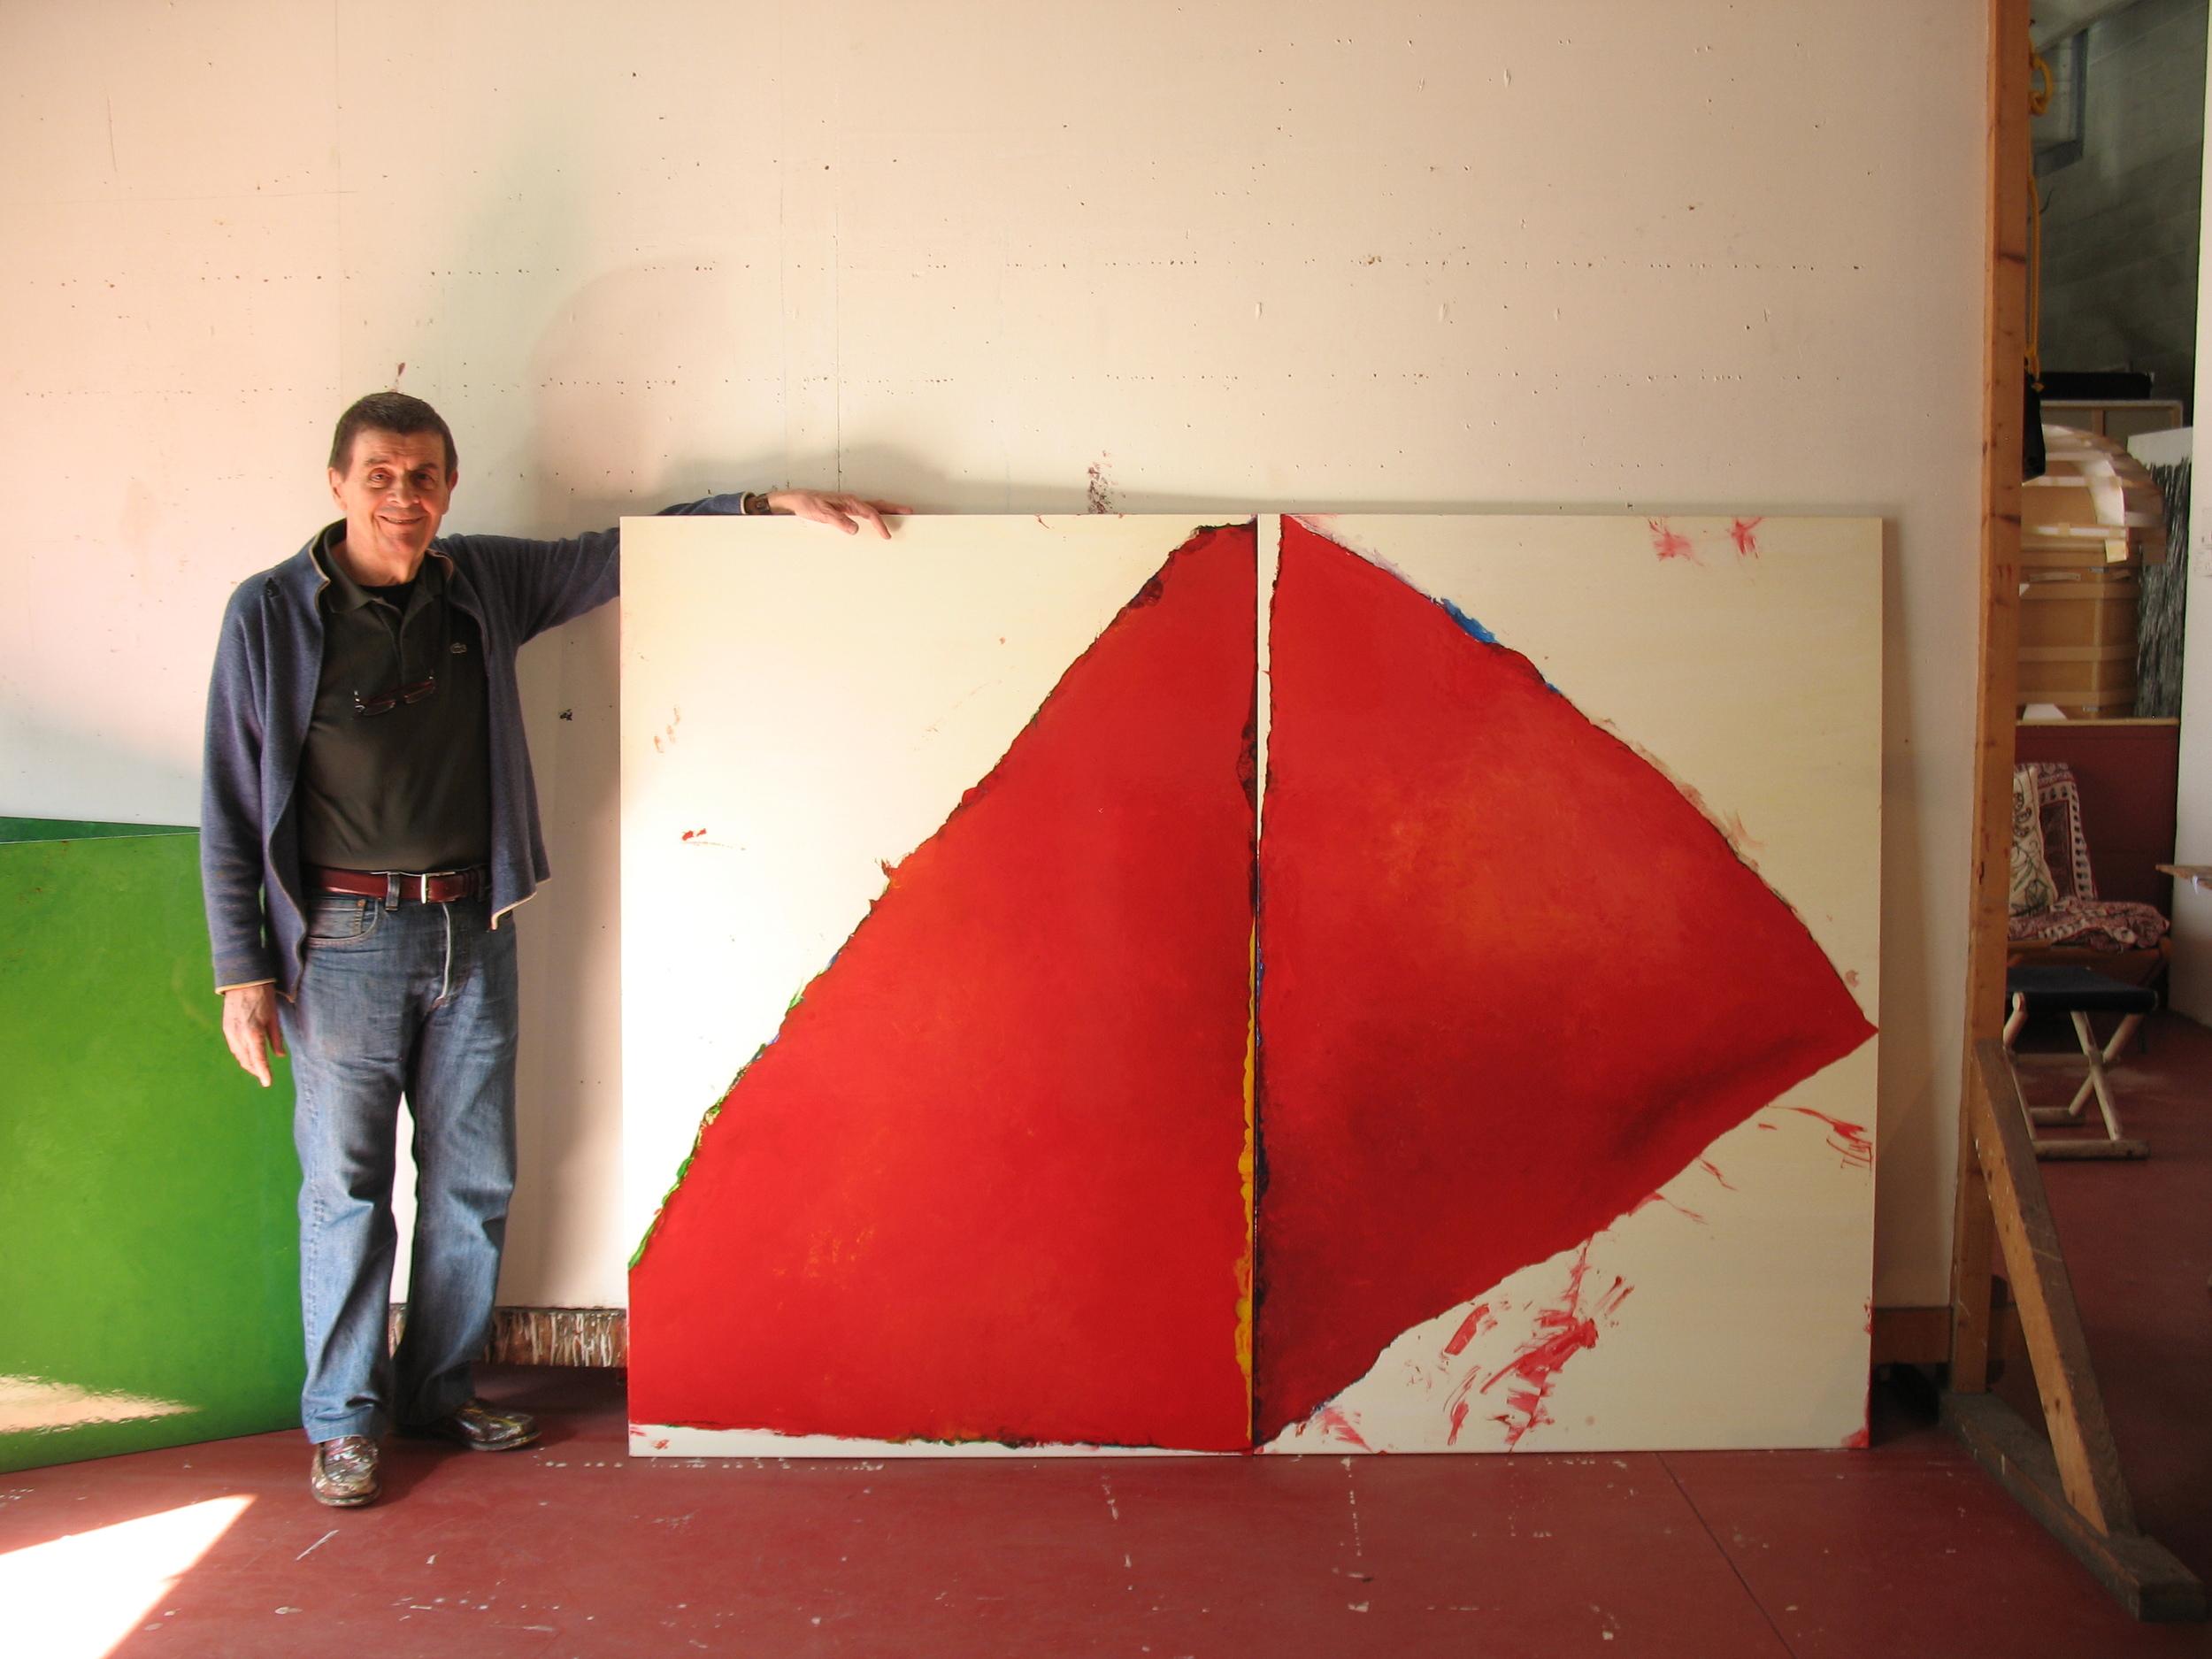 Tovaglia (2 triangoli rossi)